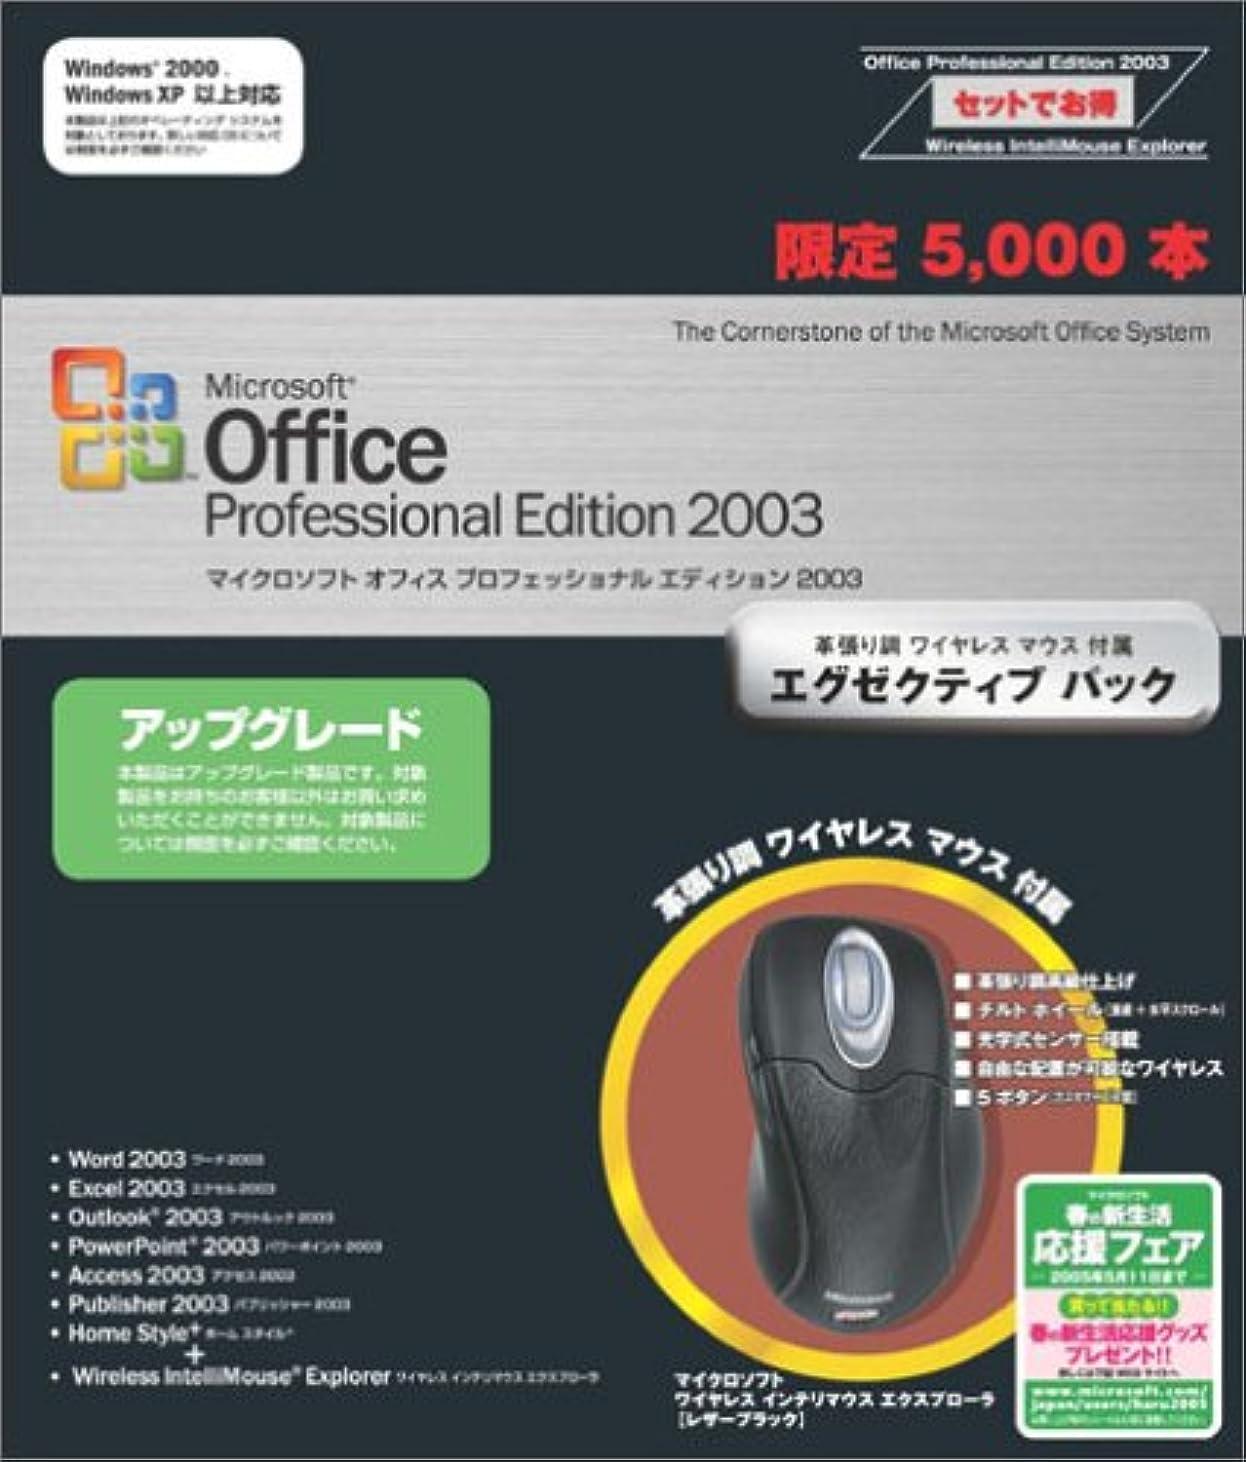 分子保育園火山学【旧商品/サポート終了】Microsoft Office Professional Edition 2003 アップグレード エグゼクティブパック